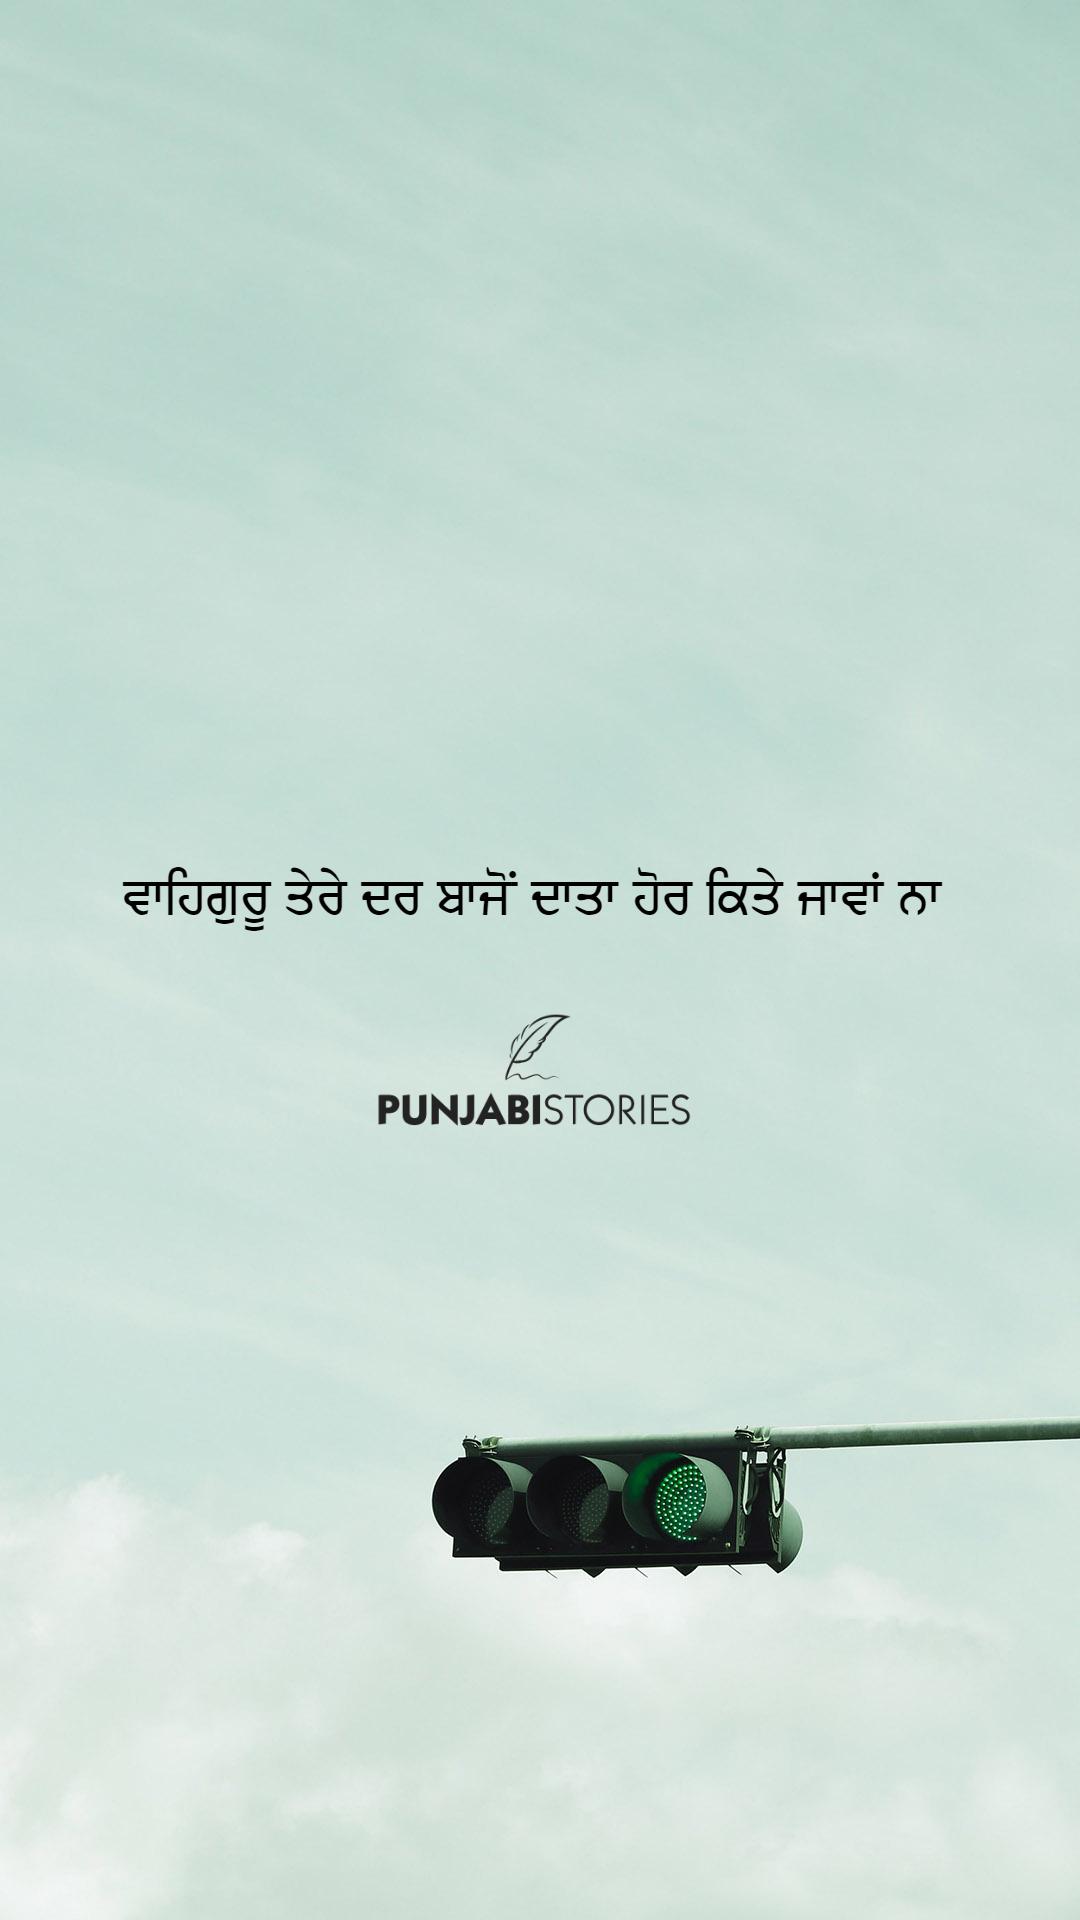 dharmik status punjabi, Punjabi Status 2021